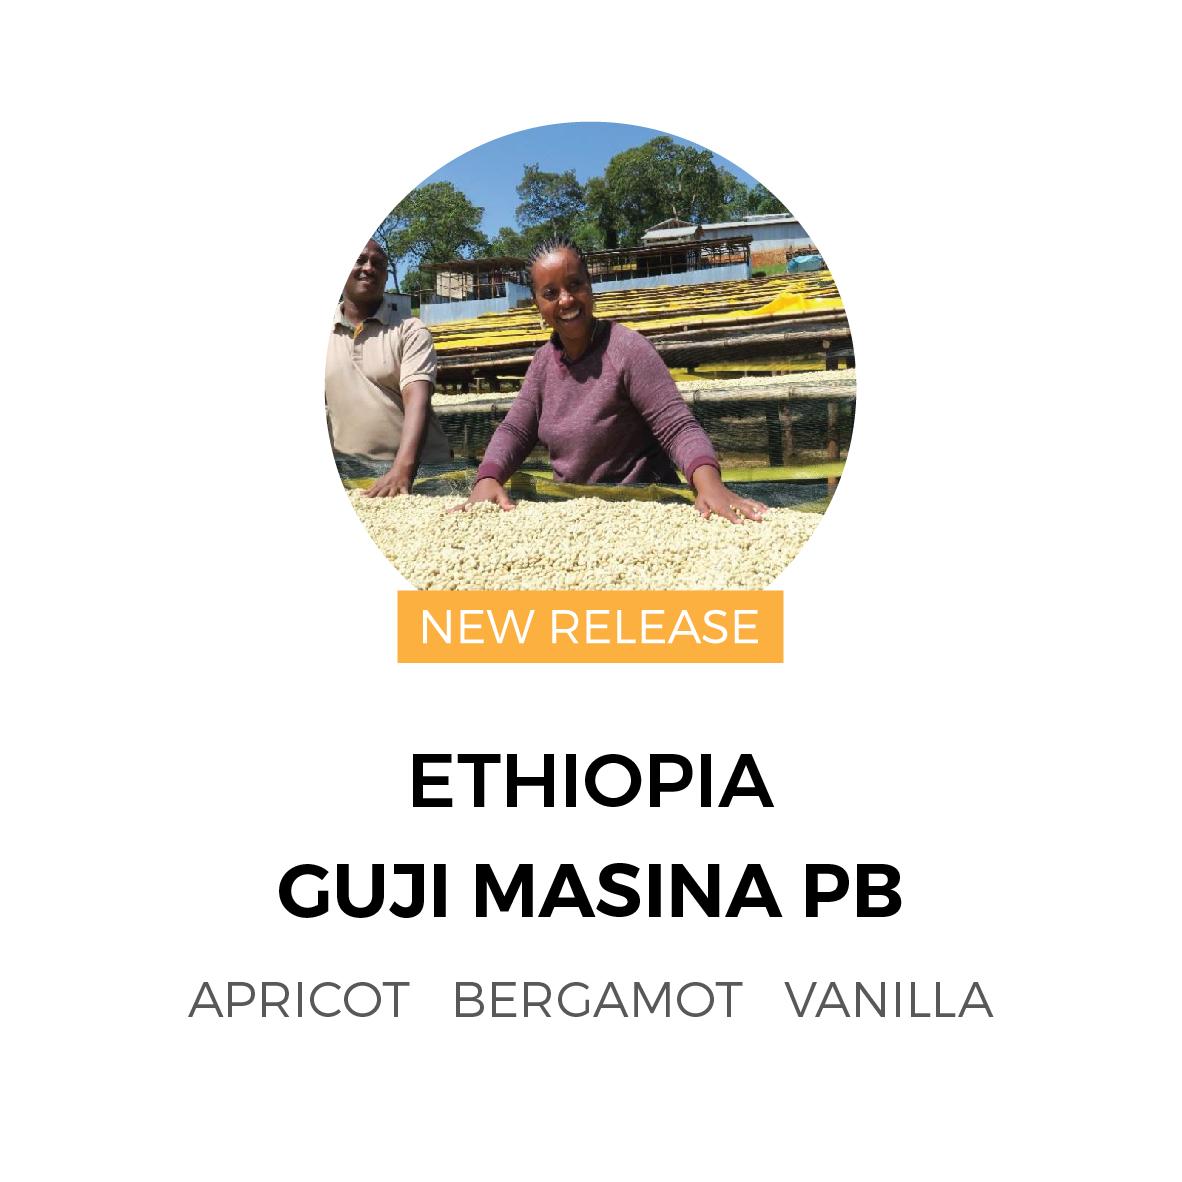 EthiopiaGujiMasinaPB-new-release-01.jpg